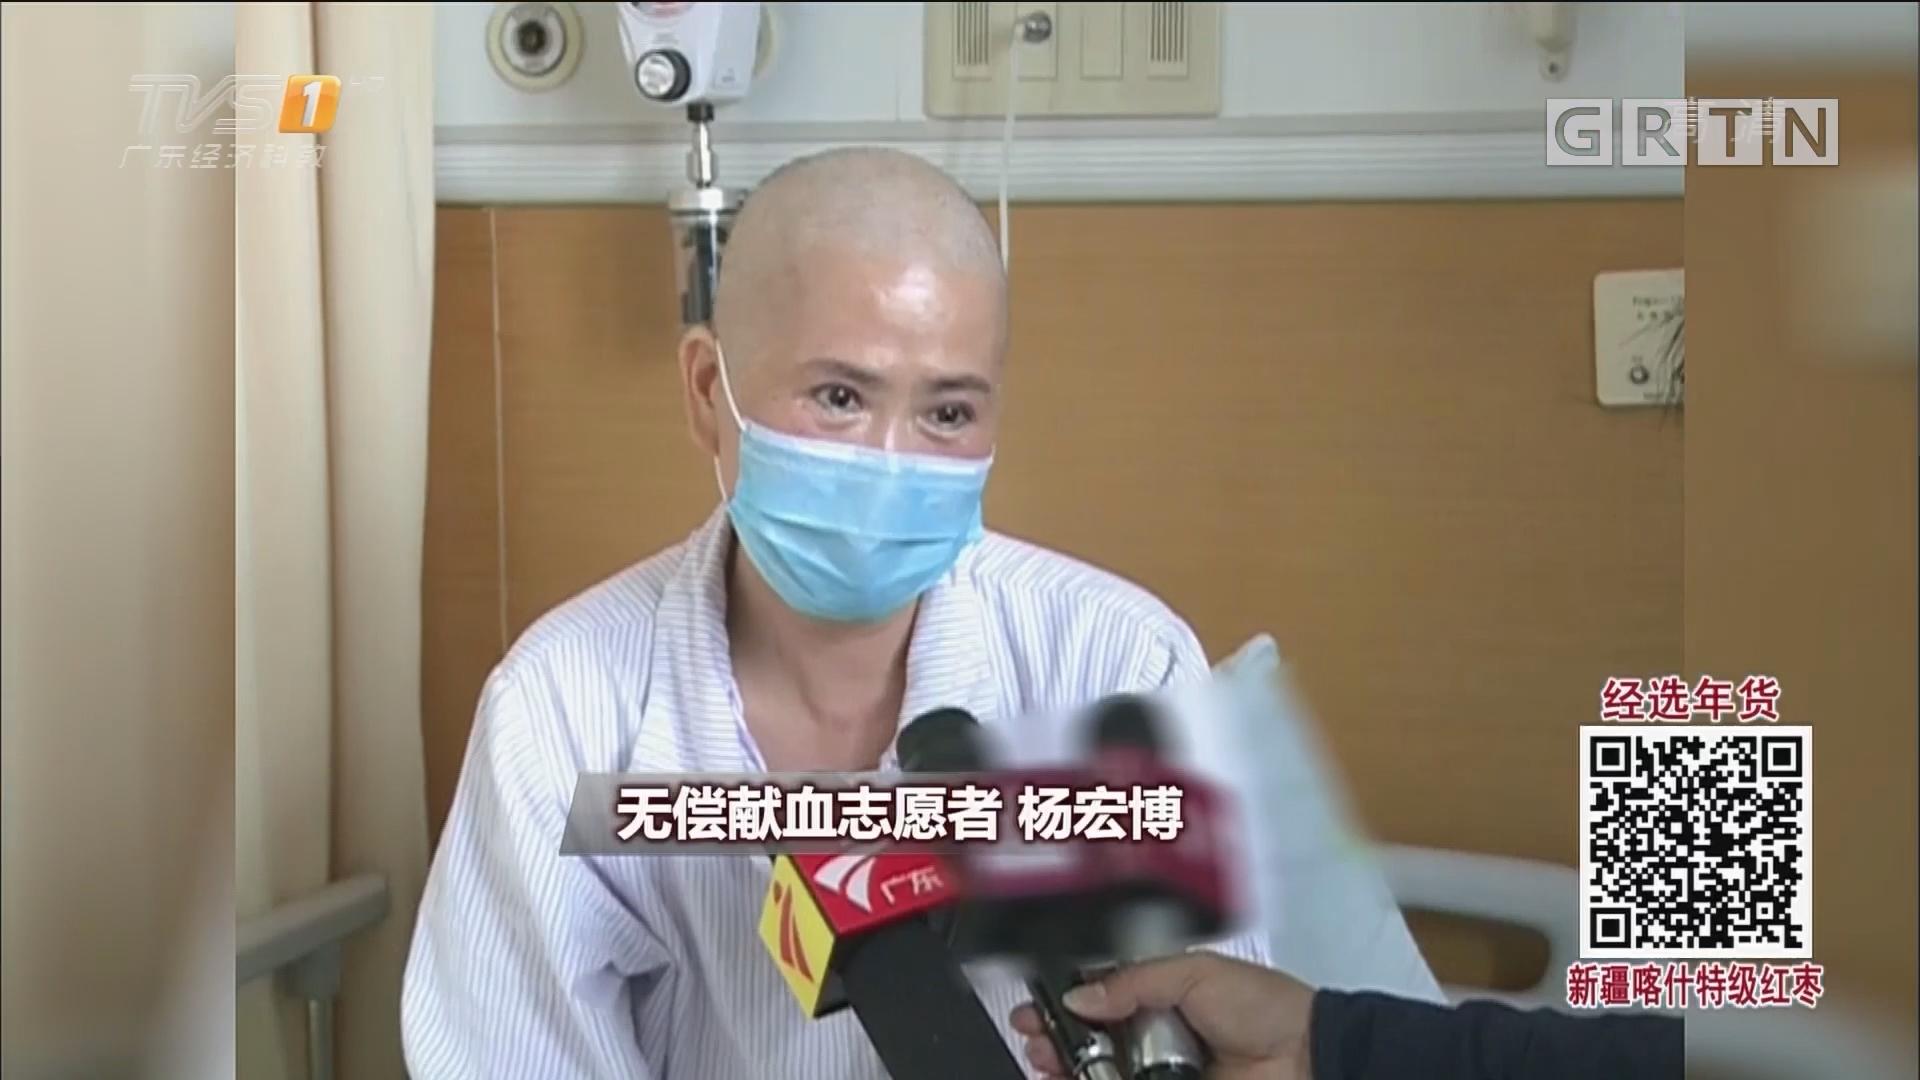 献血16年患白血病引非议 专家:与献血无关